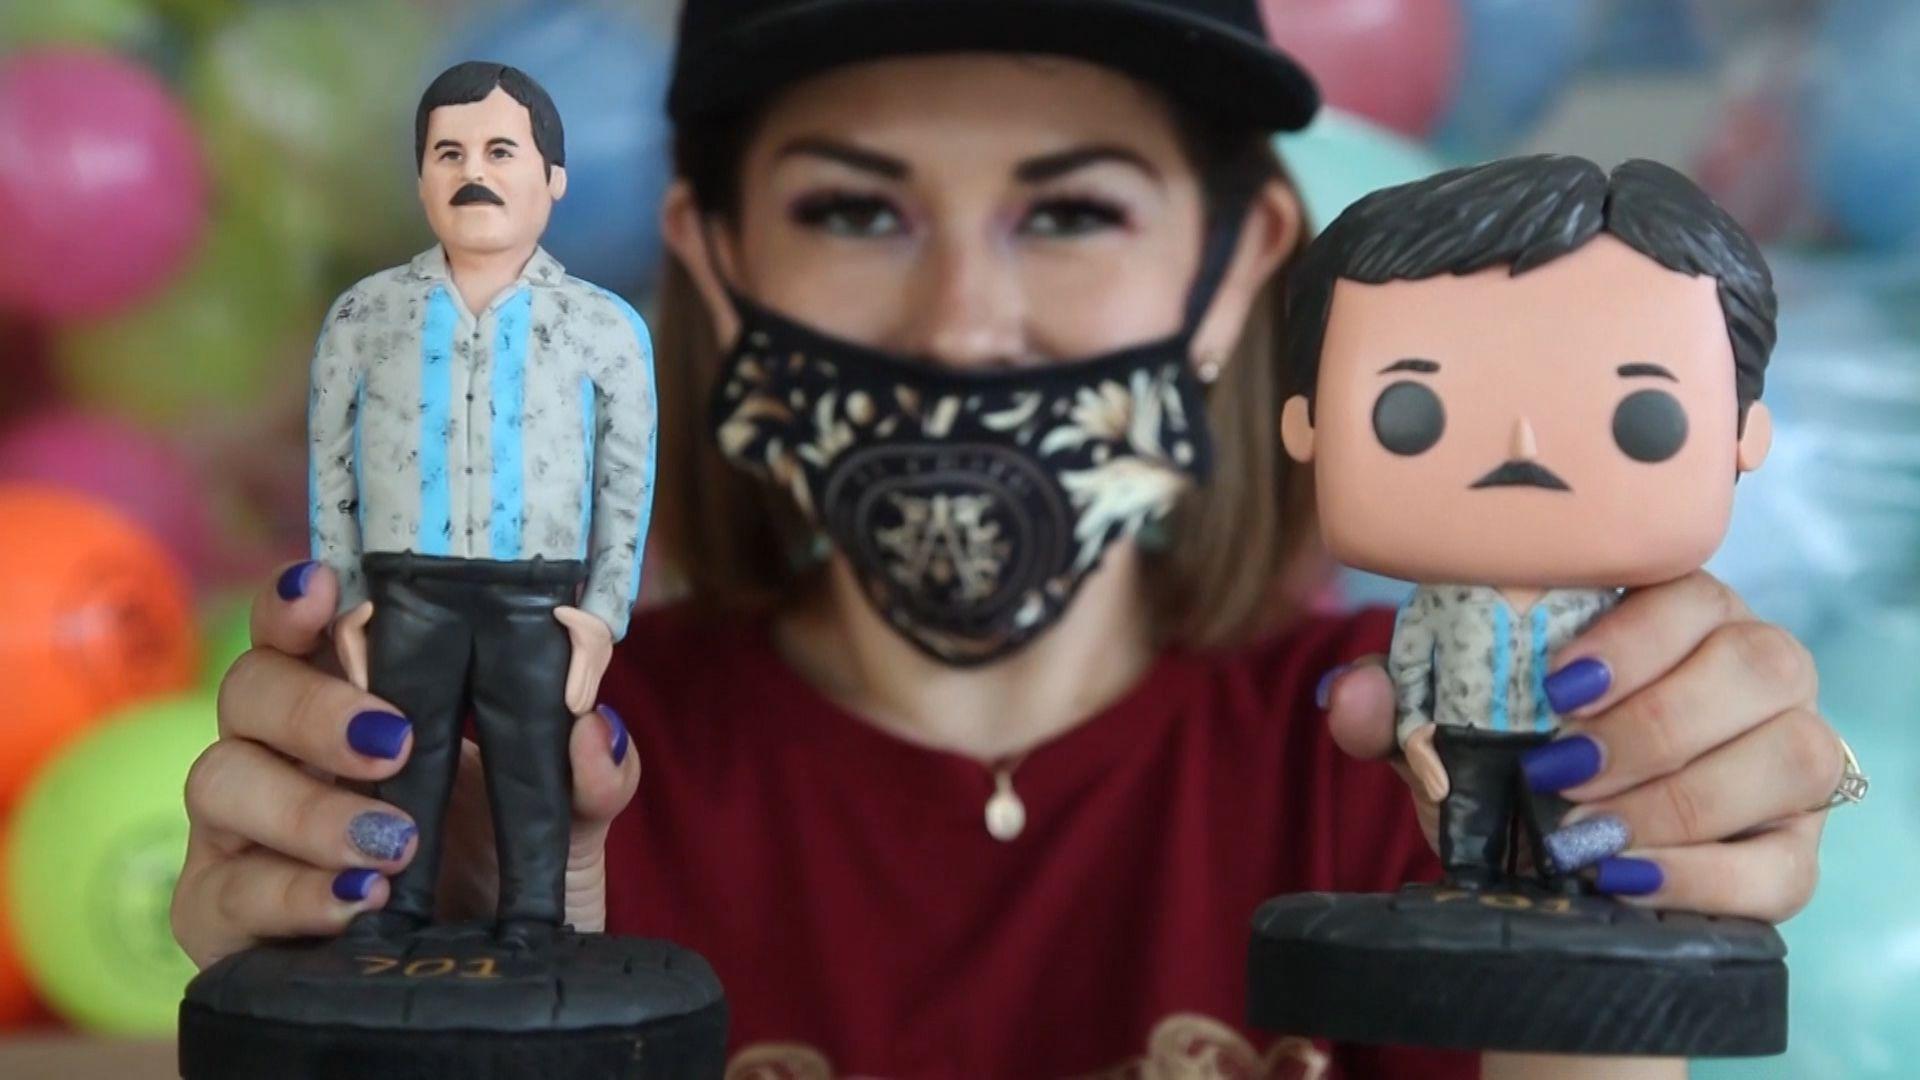 Hija de El Chapo repartiendo juguetes a niños en Guadalajara